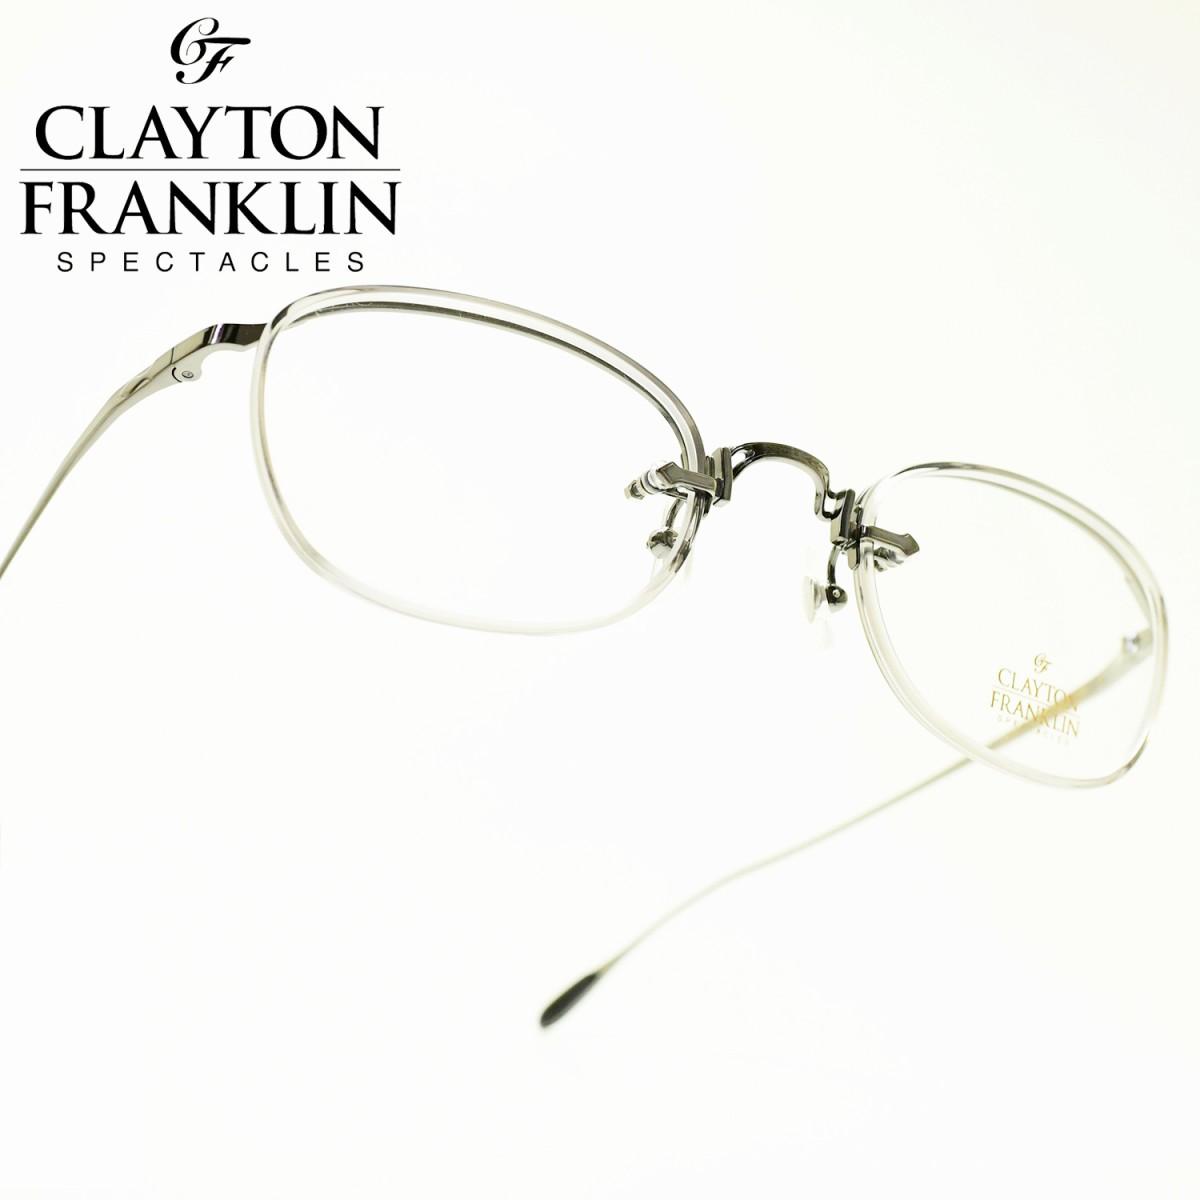 CLAYTON FRANKLIN クレイトンフランクリン629 AS/GR(アンティークシルバー グレー/デモレンズ)メガネ 眼鏡 めがね メンズ レディース おしゃれブランド 人気 おすすめ フレーム 流行り 度付き レンズ